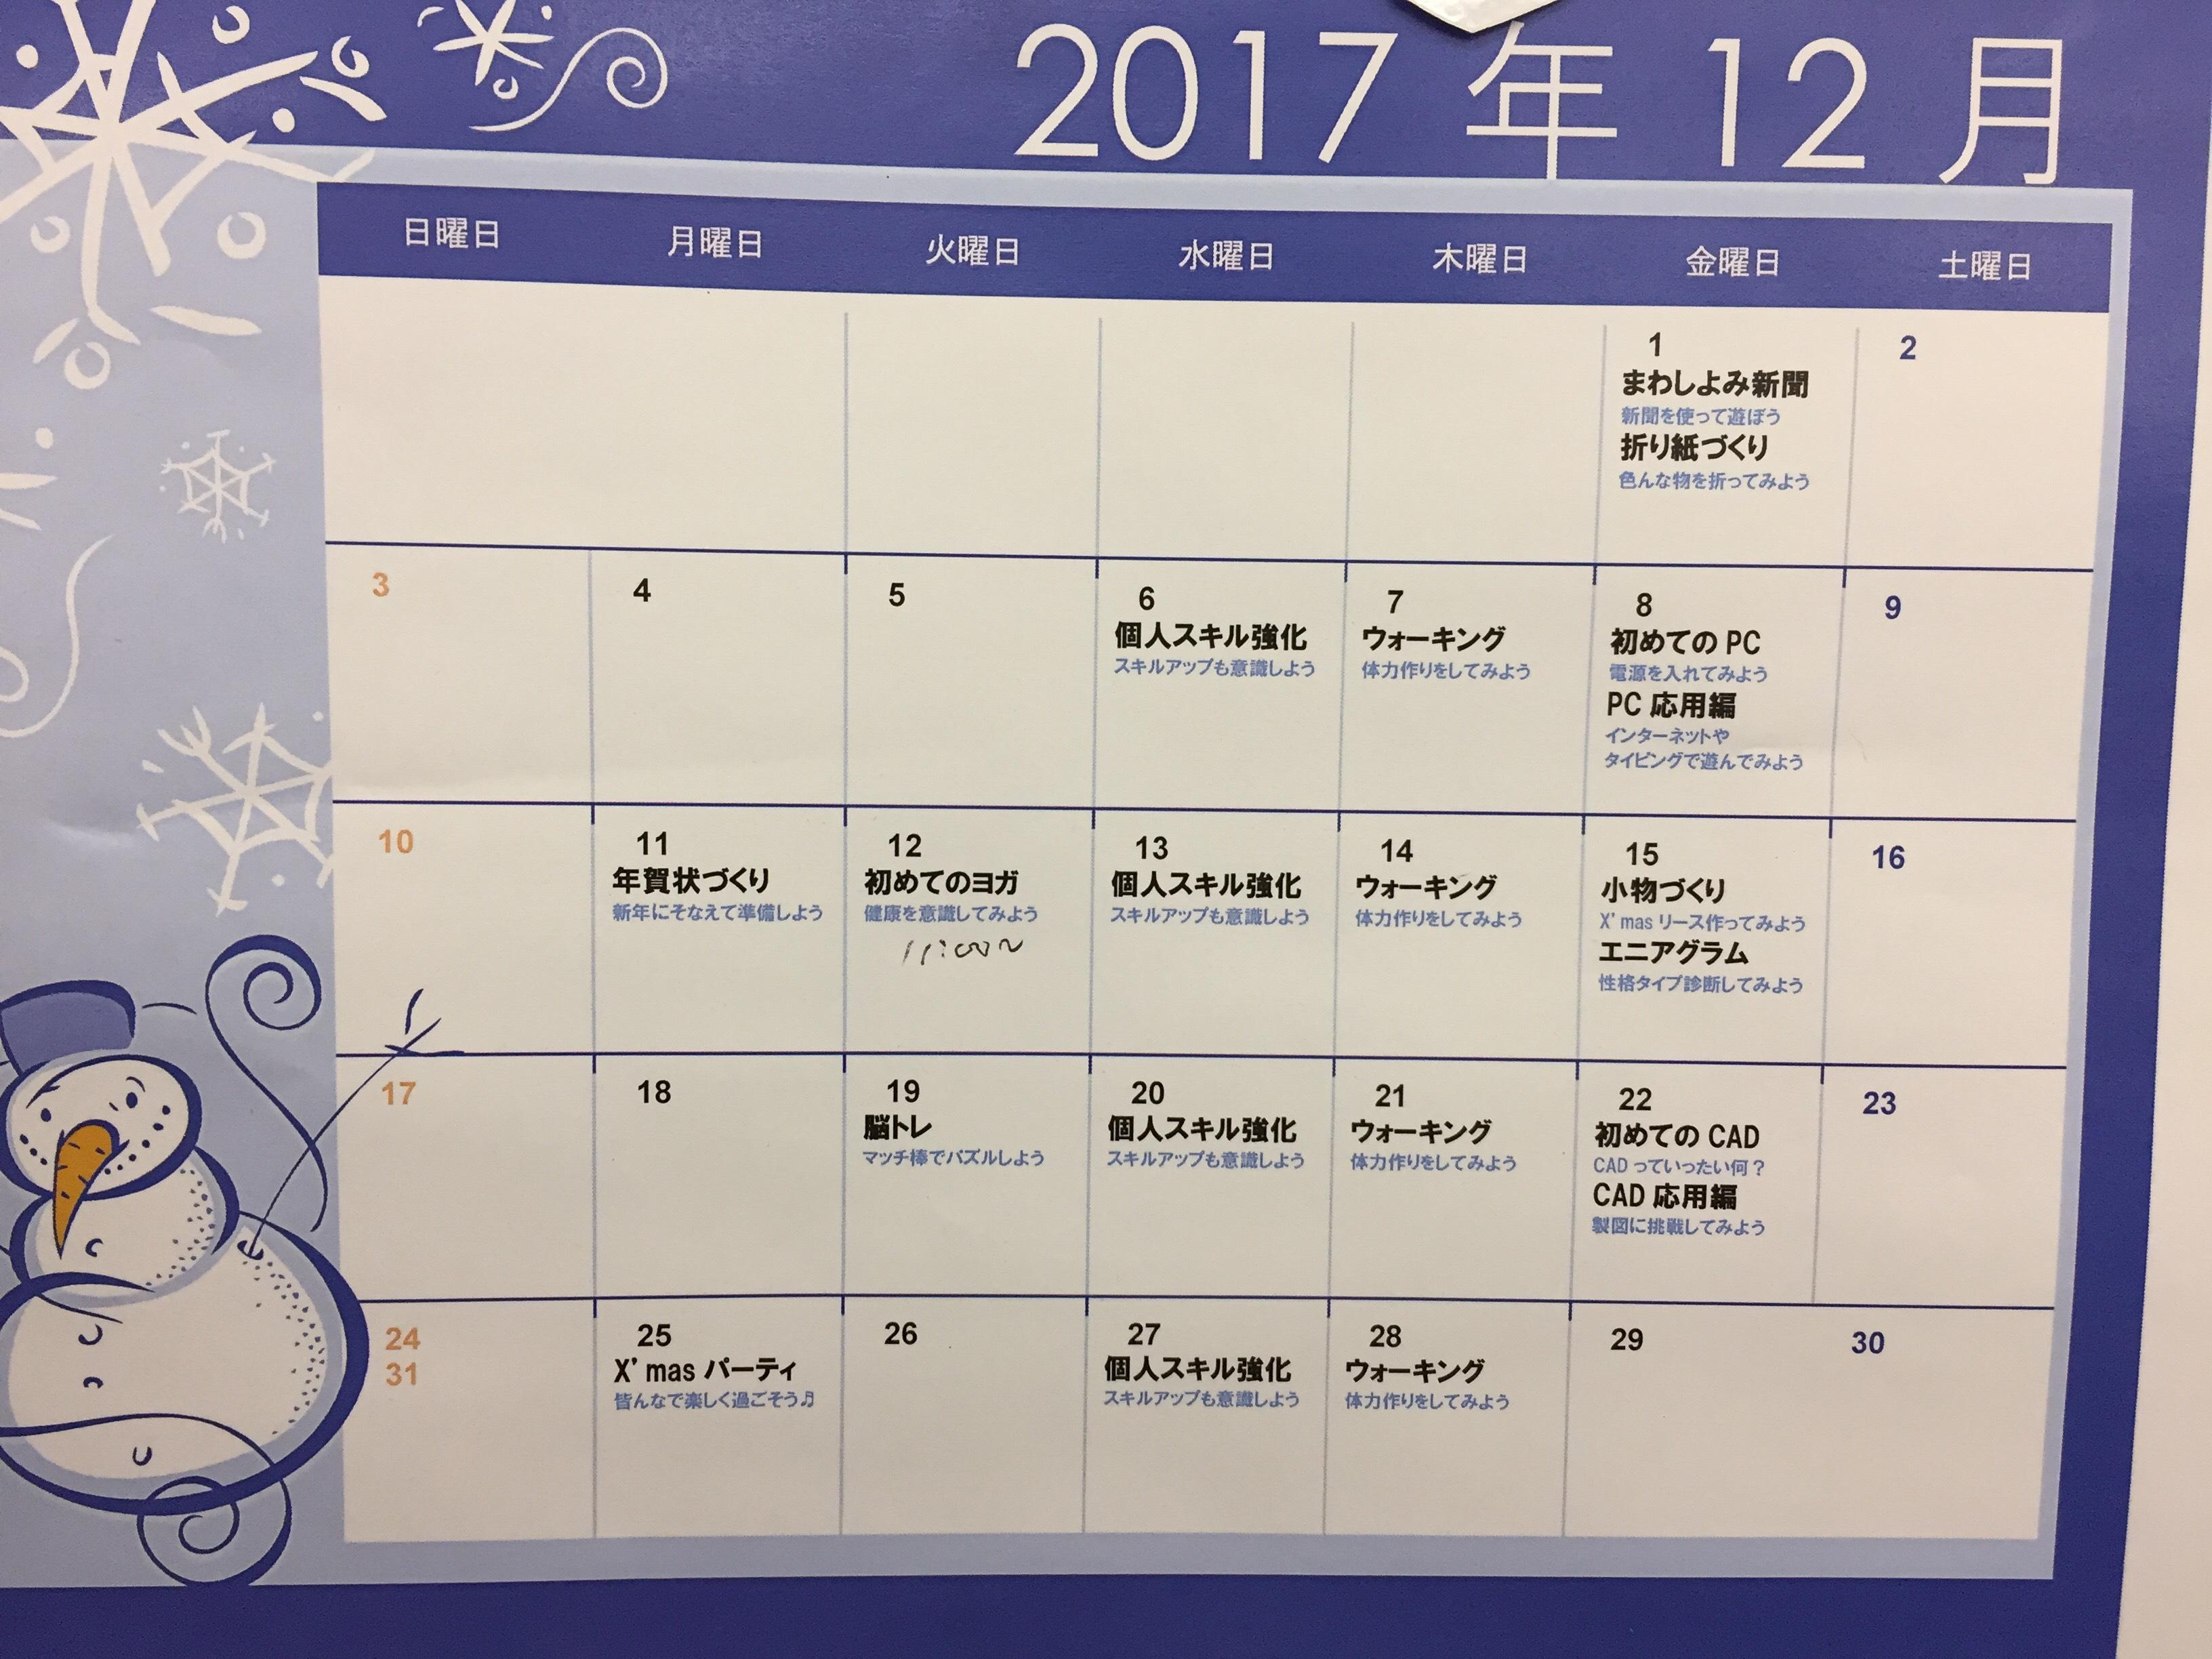 2017年12月プログラム掲示物